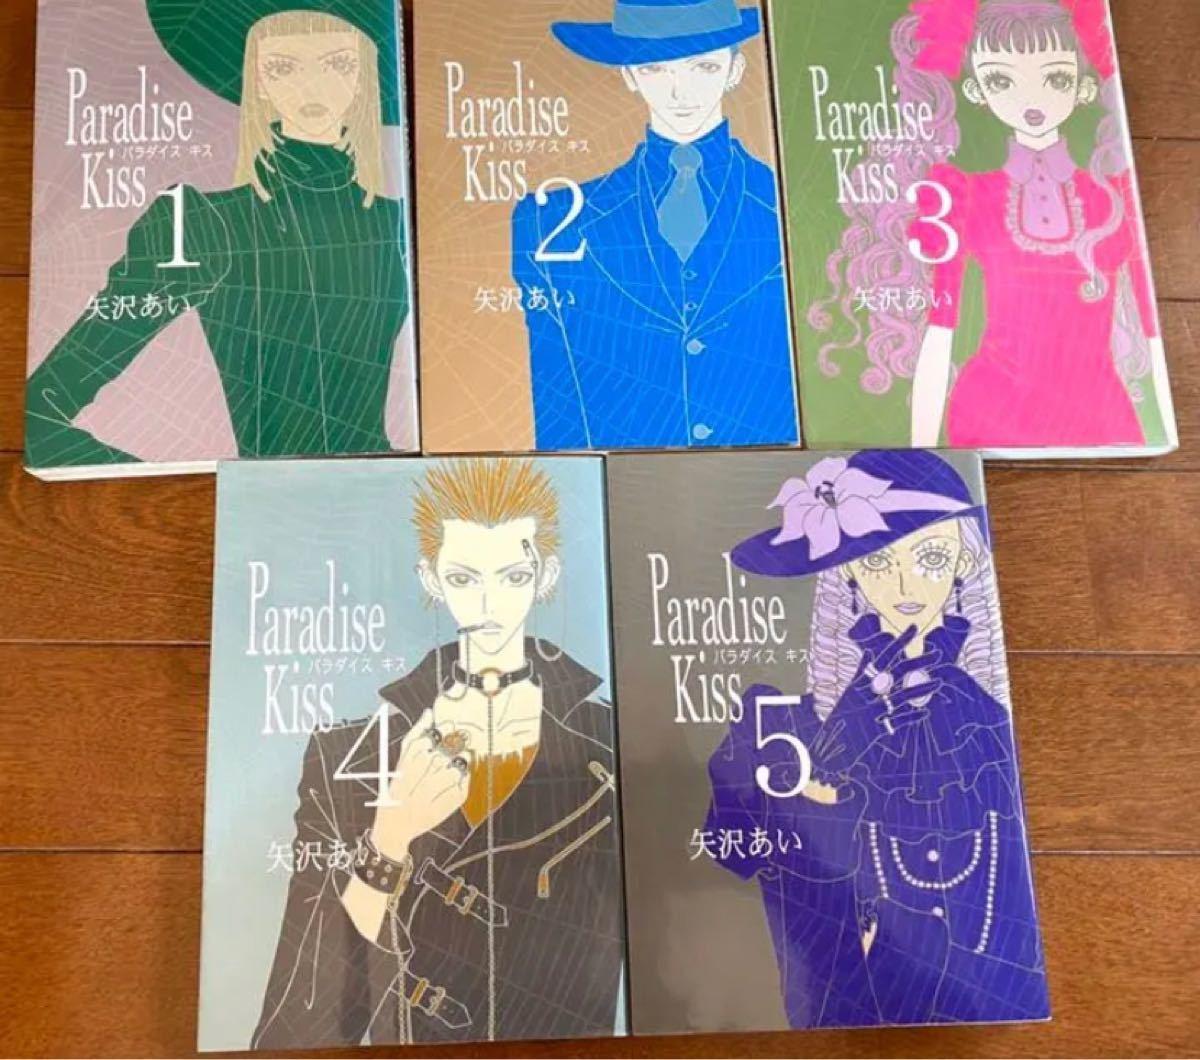 ★全巻5冊★Paradise kiss★パラダイスキス★